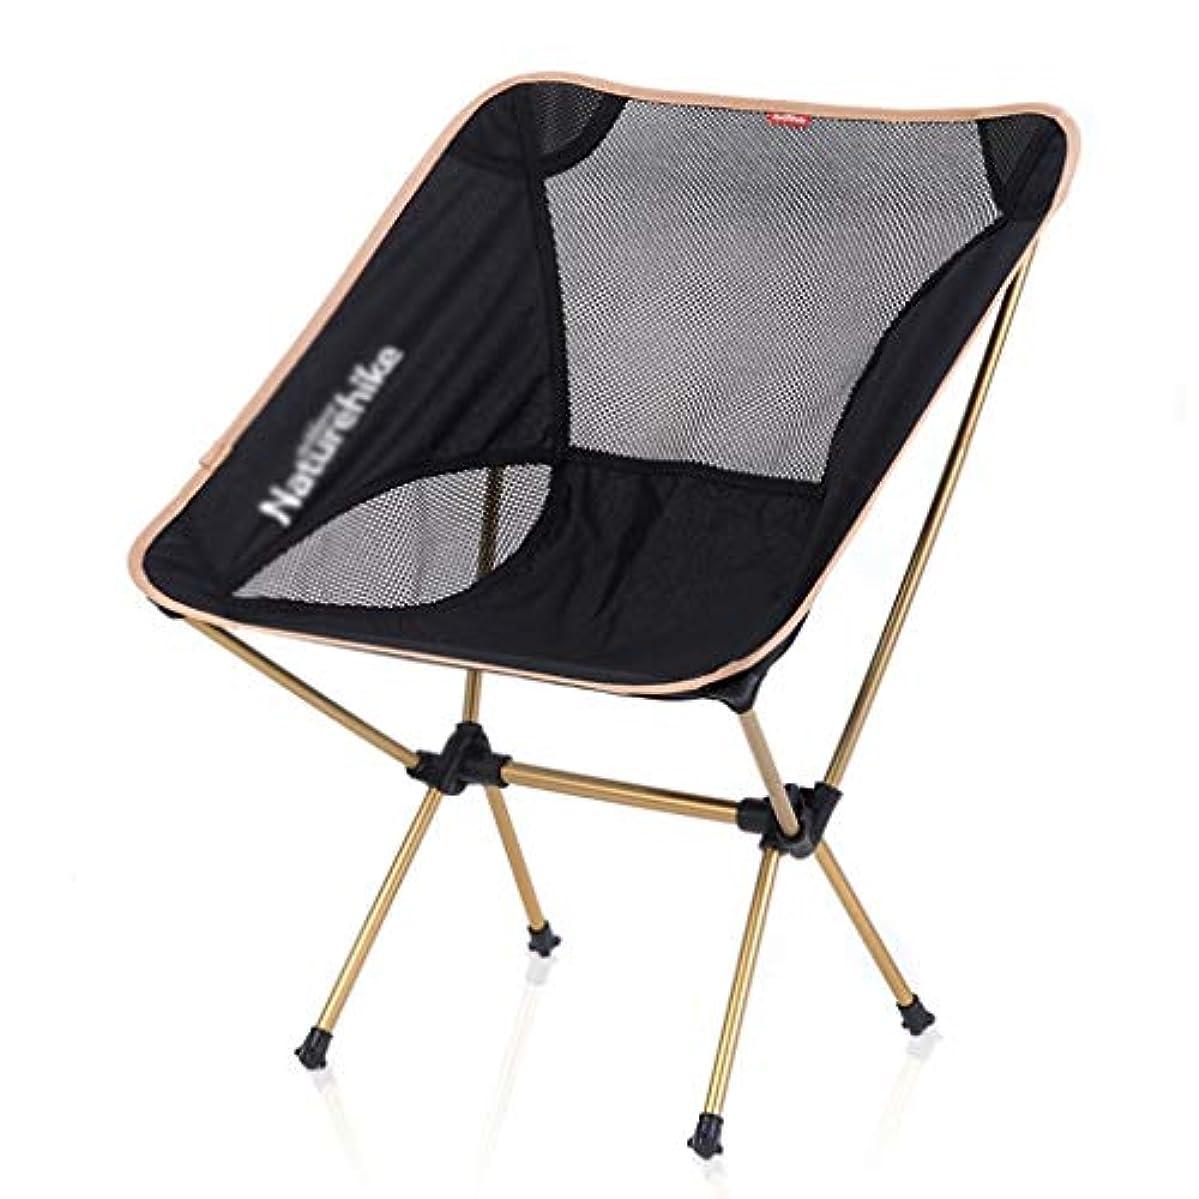 回転ケントシーンビーチ折りたたみチェア アウトドアレジャーシート 多目的釣り椅子 春のキャンプチェア 庭のゆったりとした席、速い折りたたみ (Color : Gold, Size : 53*35*67cm)